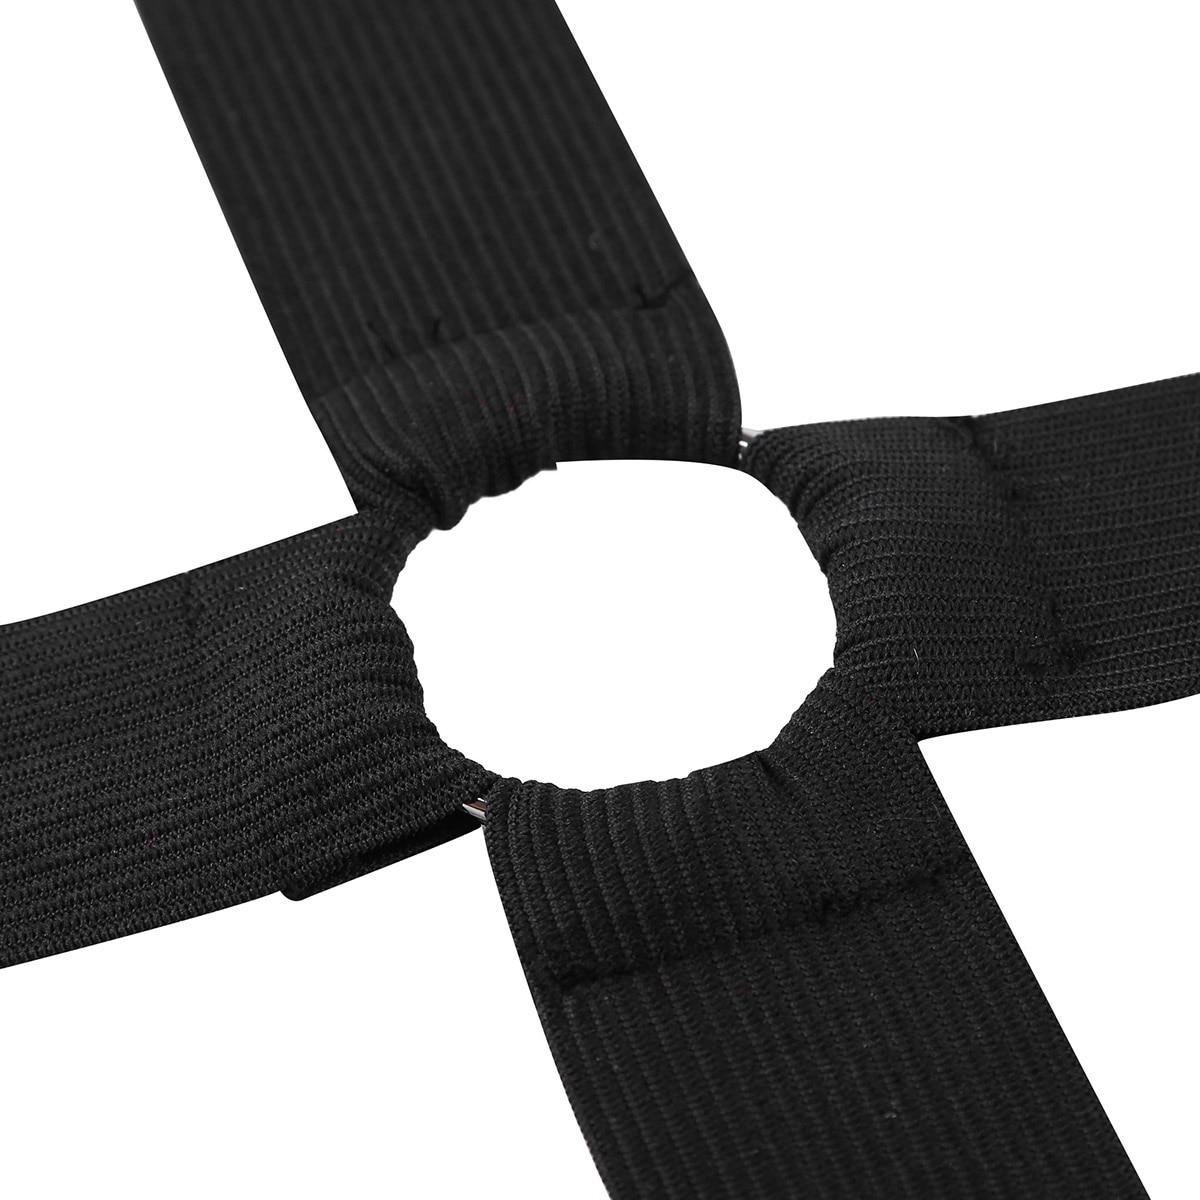 Мужские x-образные ремни на спине, мужские эластичные ремни на плечо, грудь, пояс с о-образными кольцами, Необычные Клубные вечерние костюмы, ремень